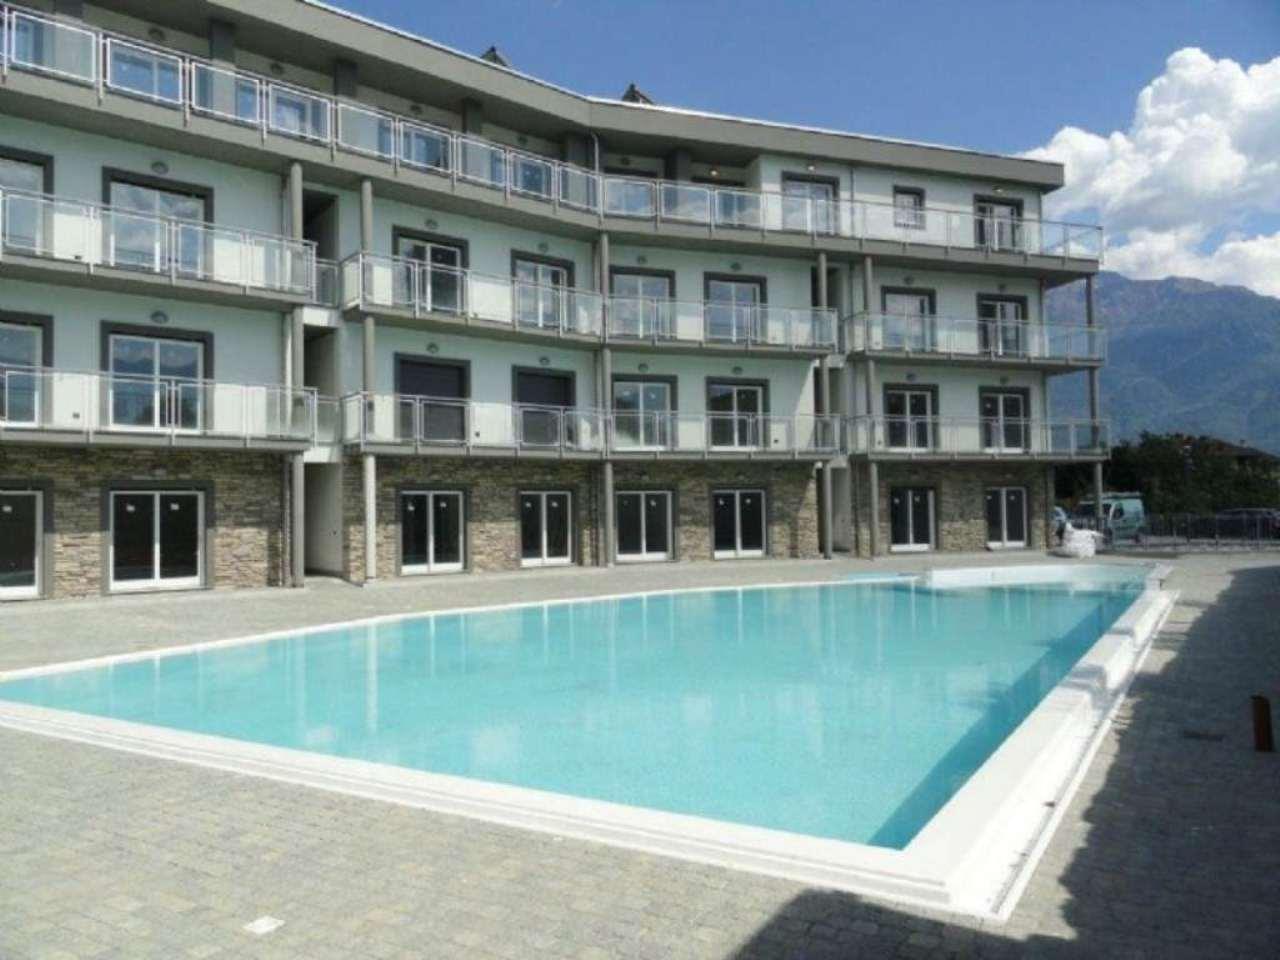 Appartamento in vendita a Domaso, 2 locali, prezzo € 136.000 | CambioCasa.it